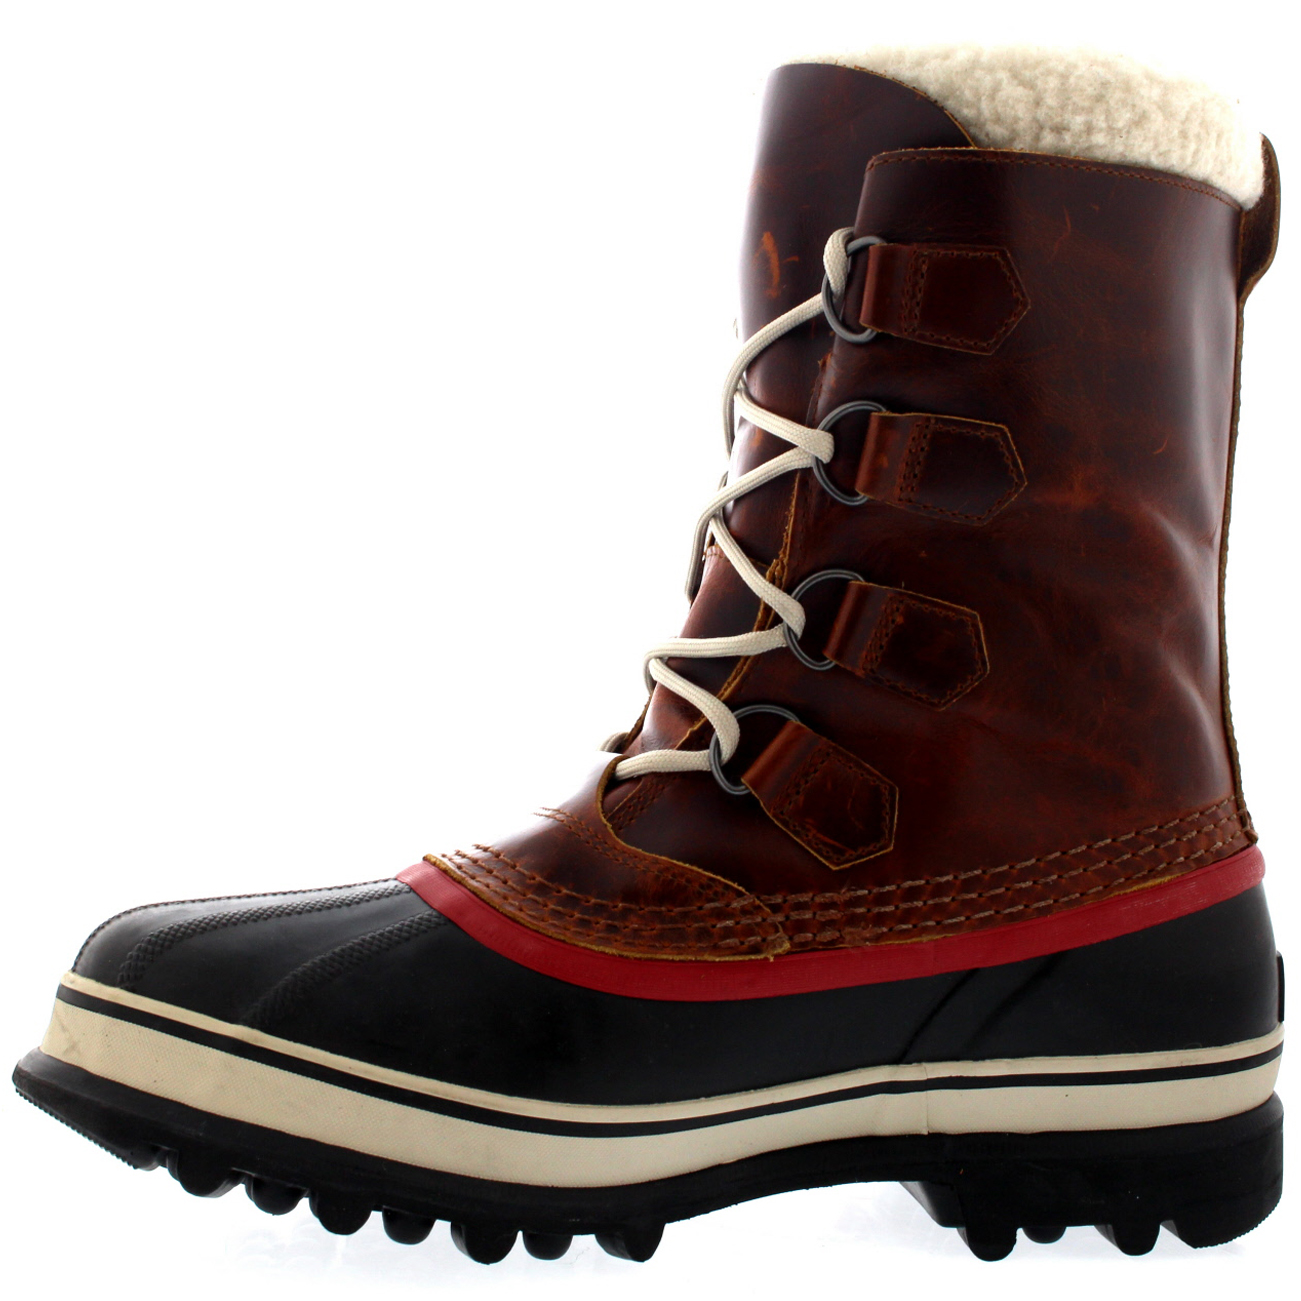 Uomo Sorel Caribou Fleece Lined Snow Snow Snow Mid Calf Winter Waterproof Stivali   8-13 0ef762